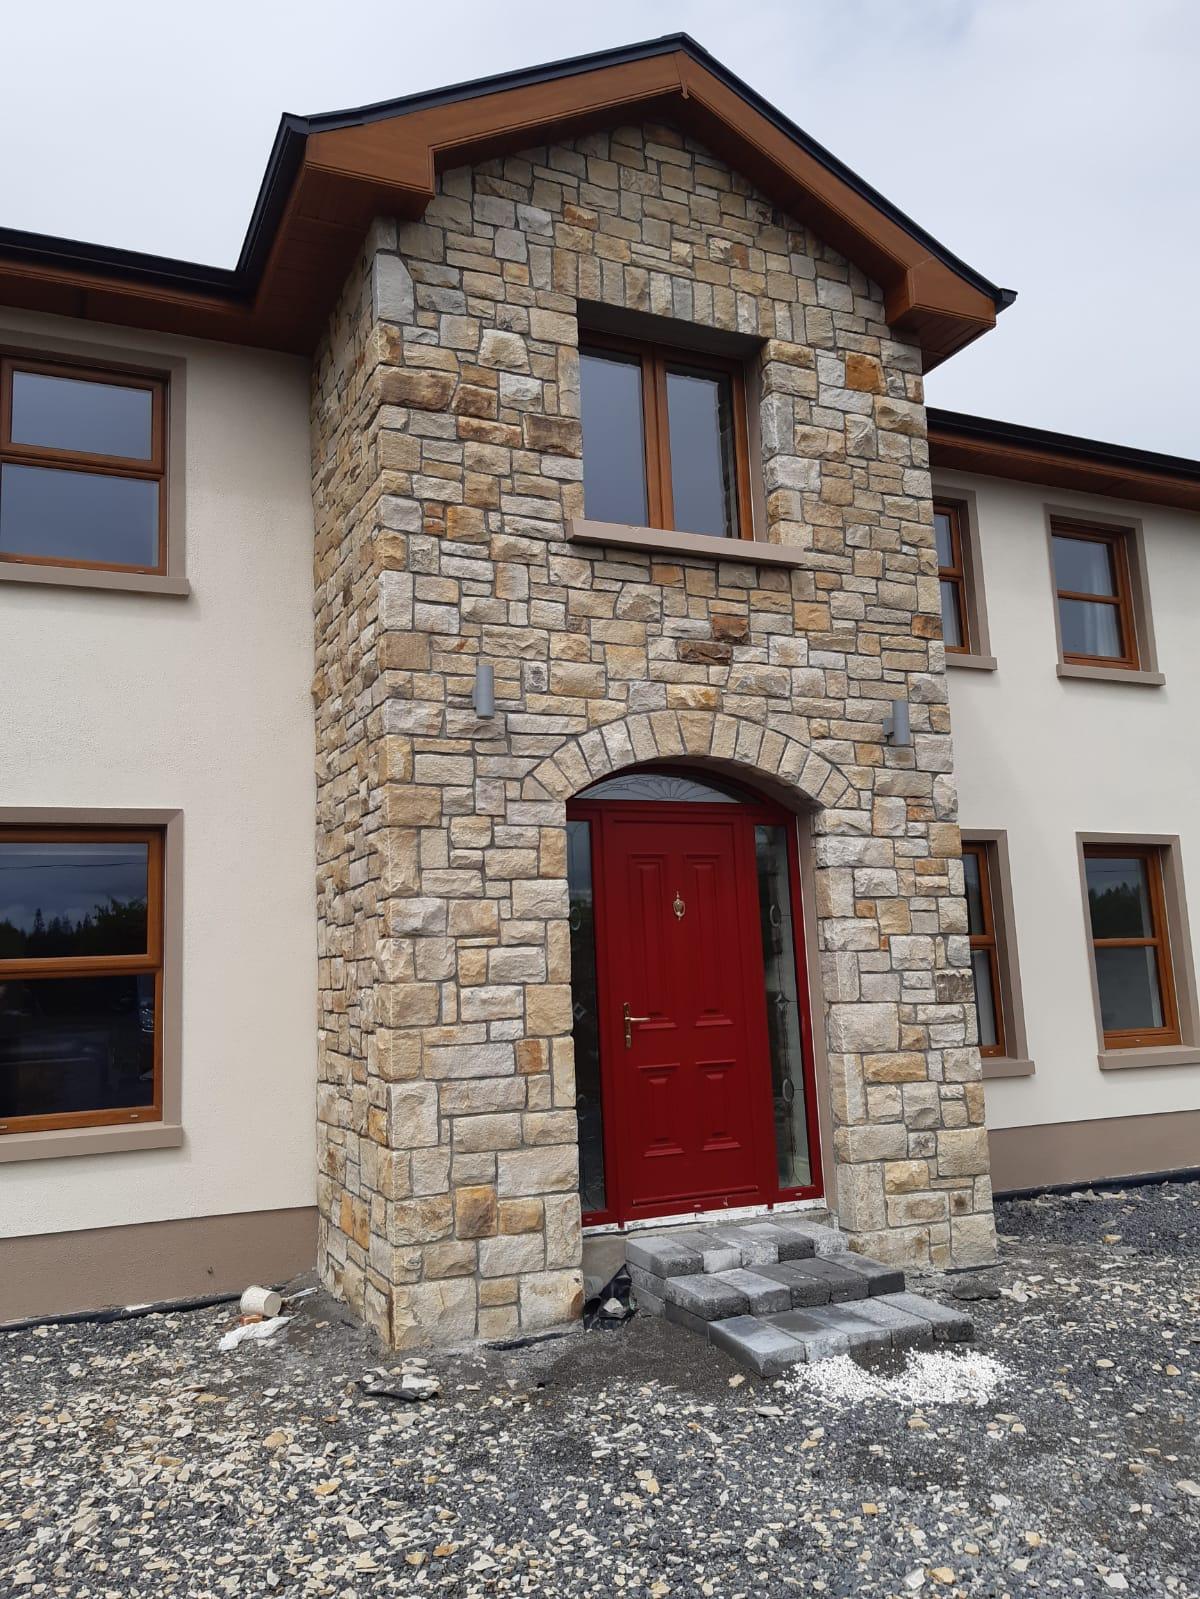 Doors & windows relacement image